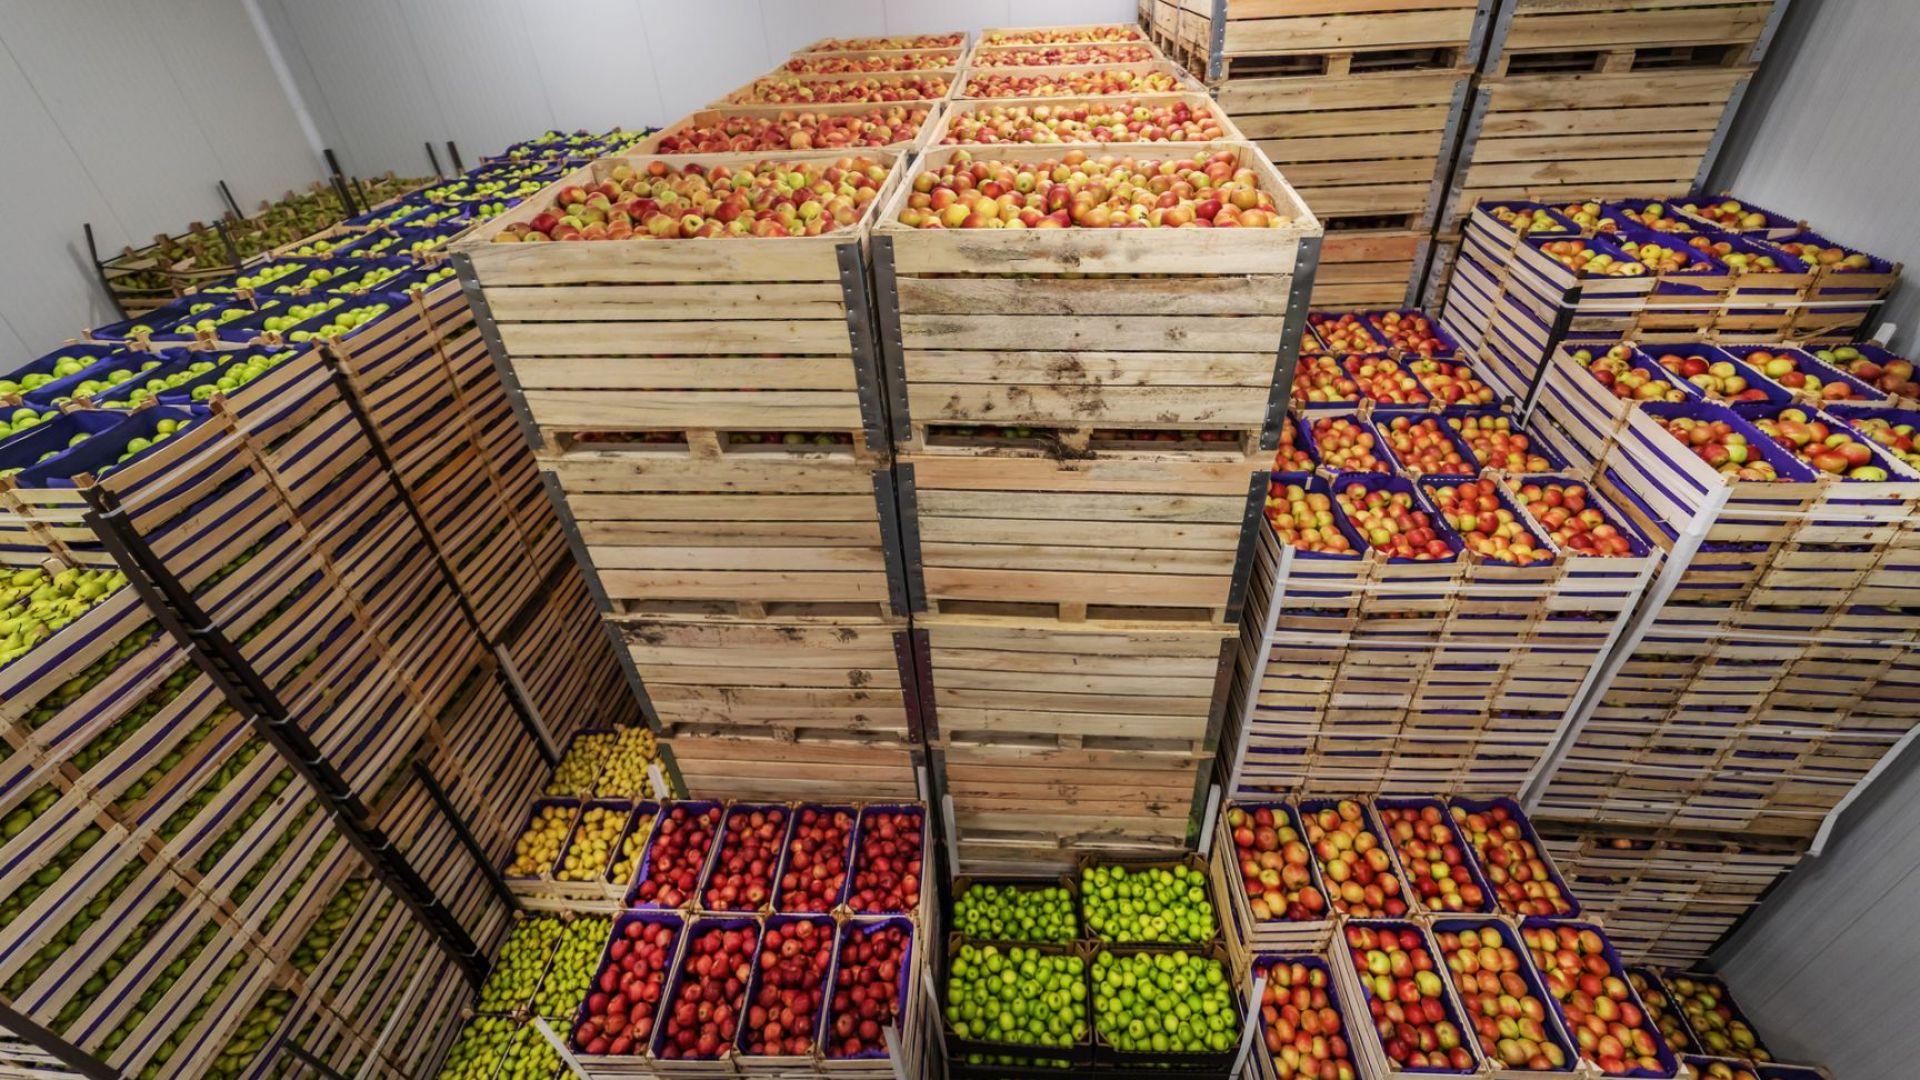 През втората седмица на август поскъпването на храните на едро се забавя